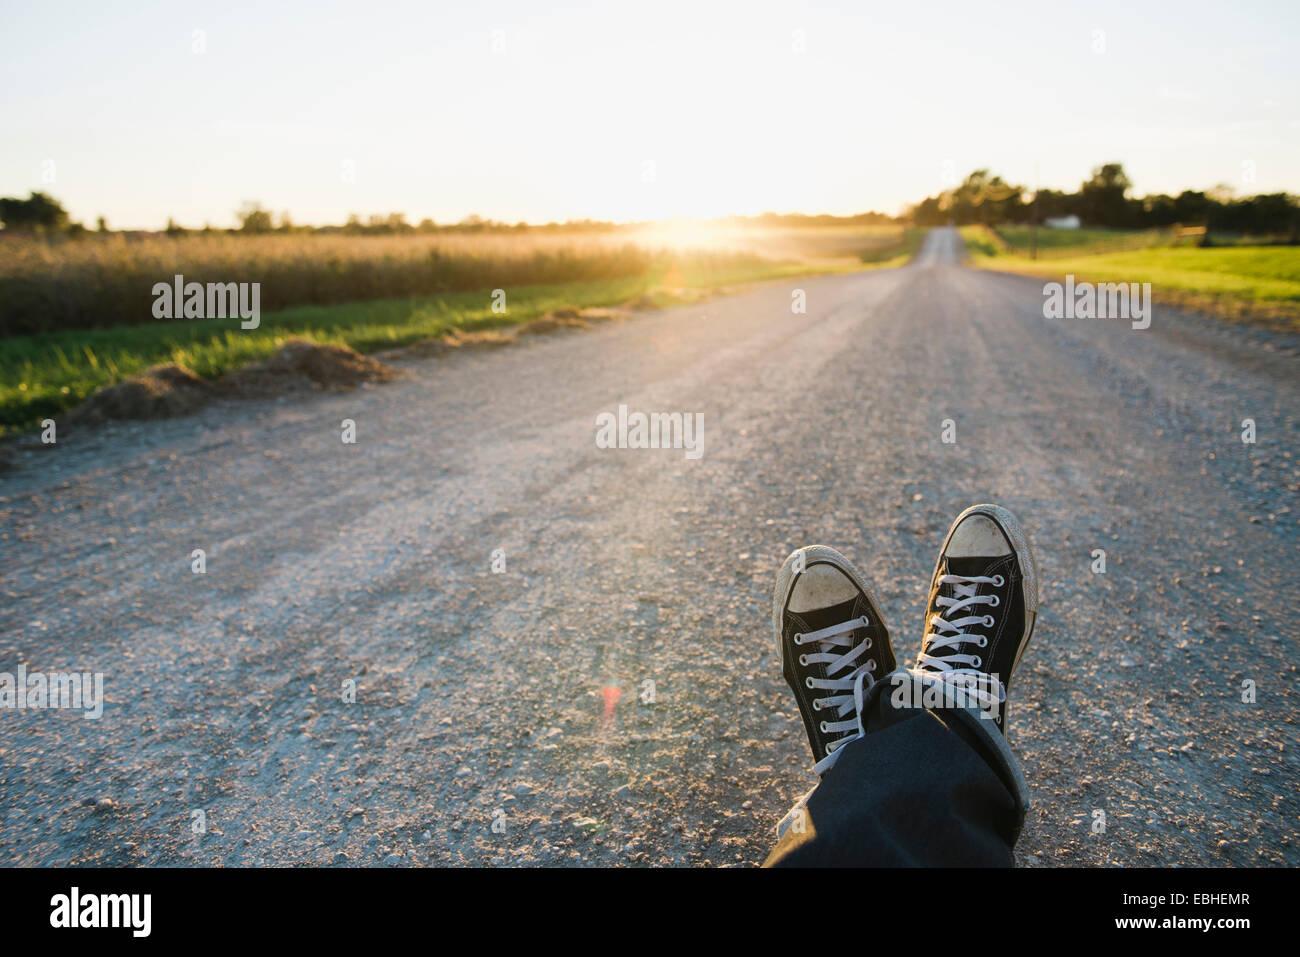 Pieds de fermier voyageant sur les routes rurales au crépuscule, Plattsburg, New York, USA Photo Stock